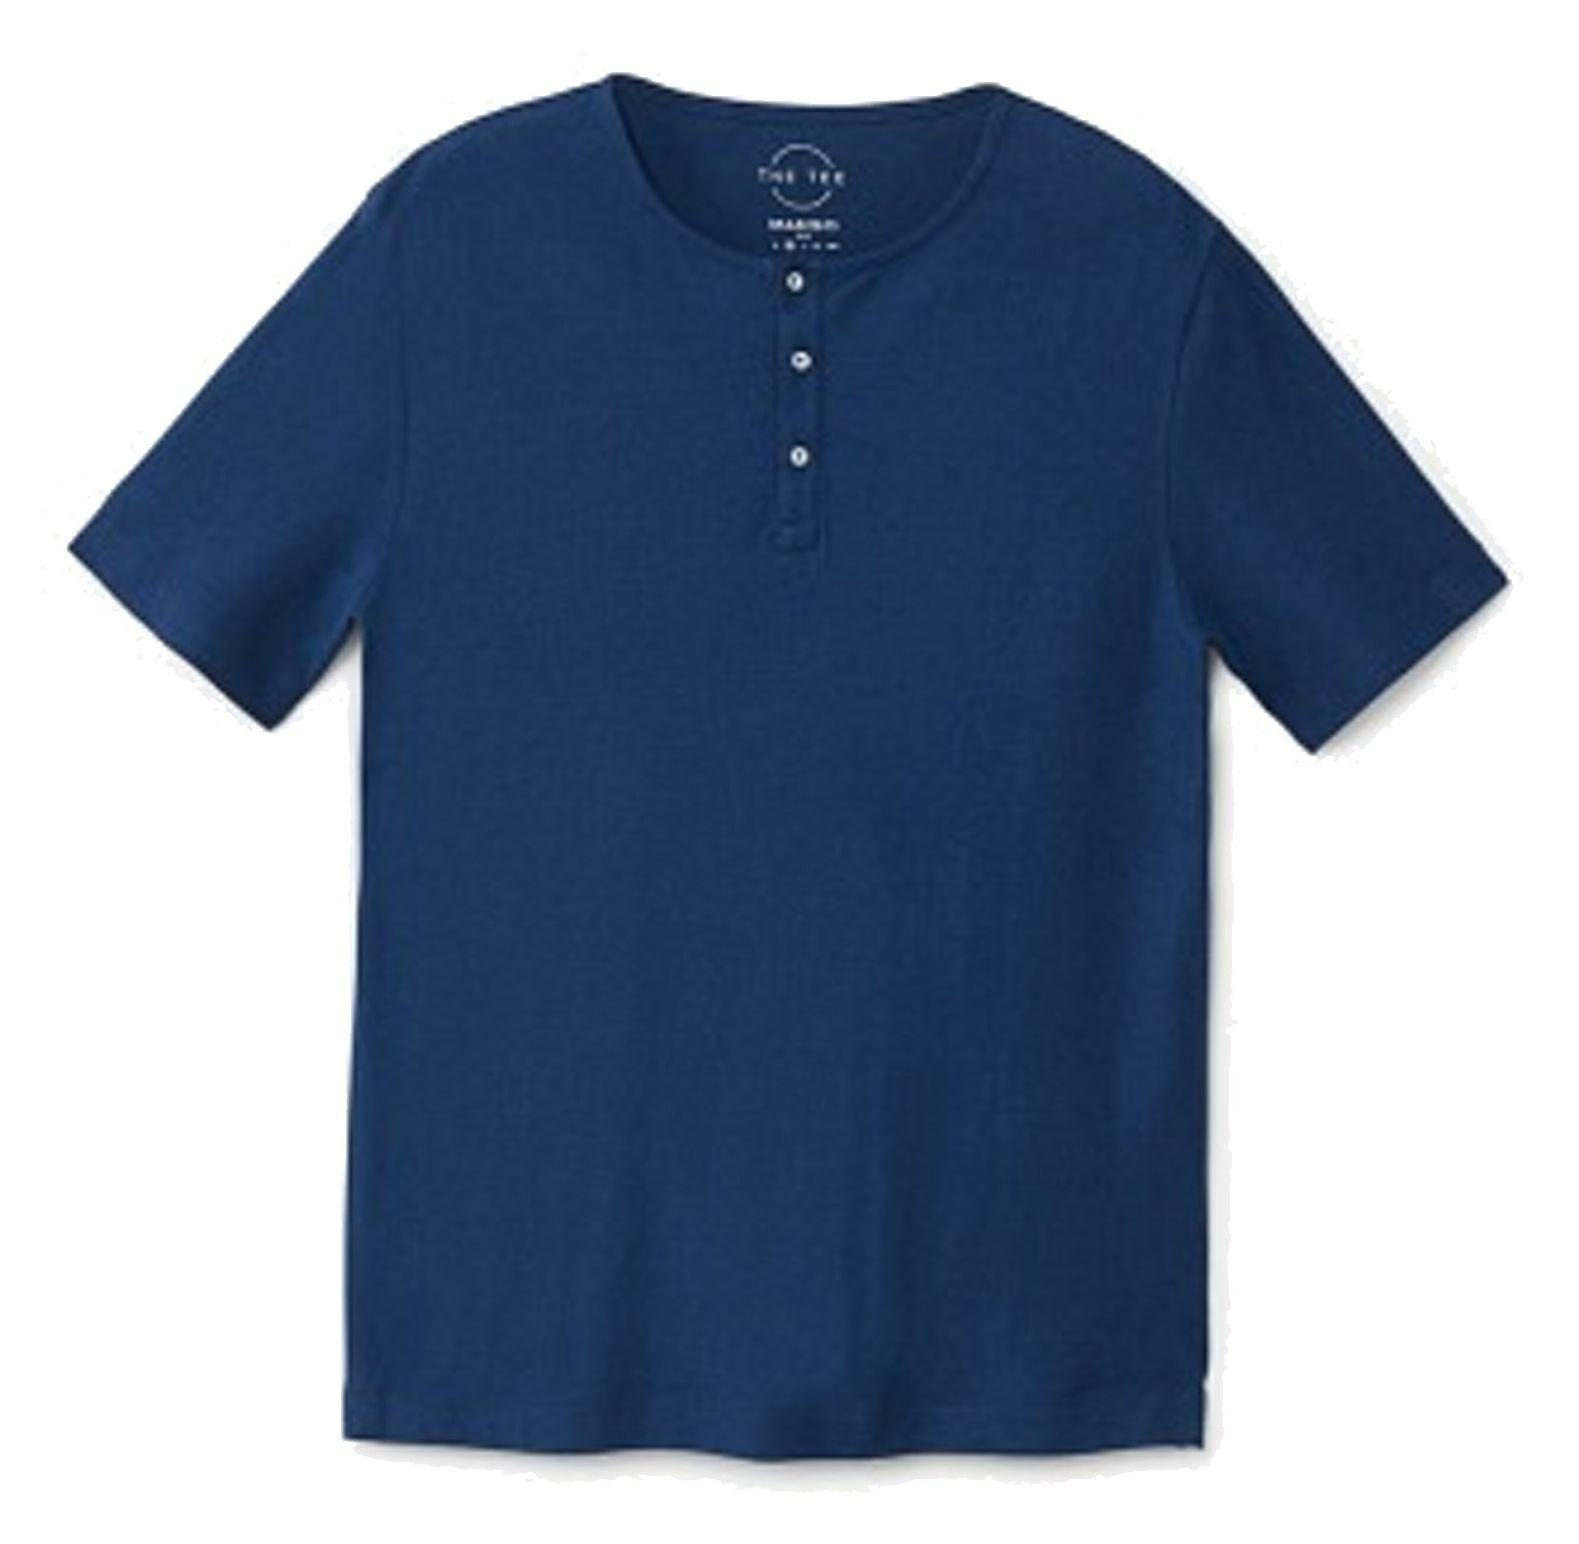 تی شرت نخی یقه گرد مردانه - مانگو - سرمه ای - 1